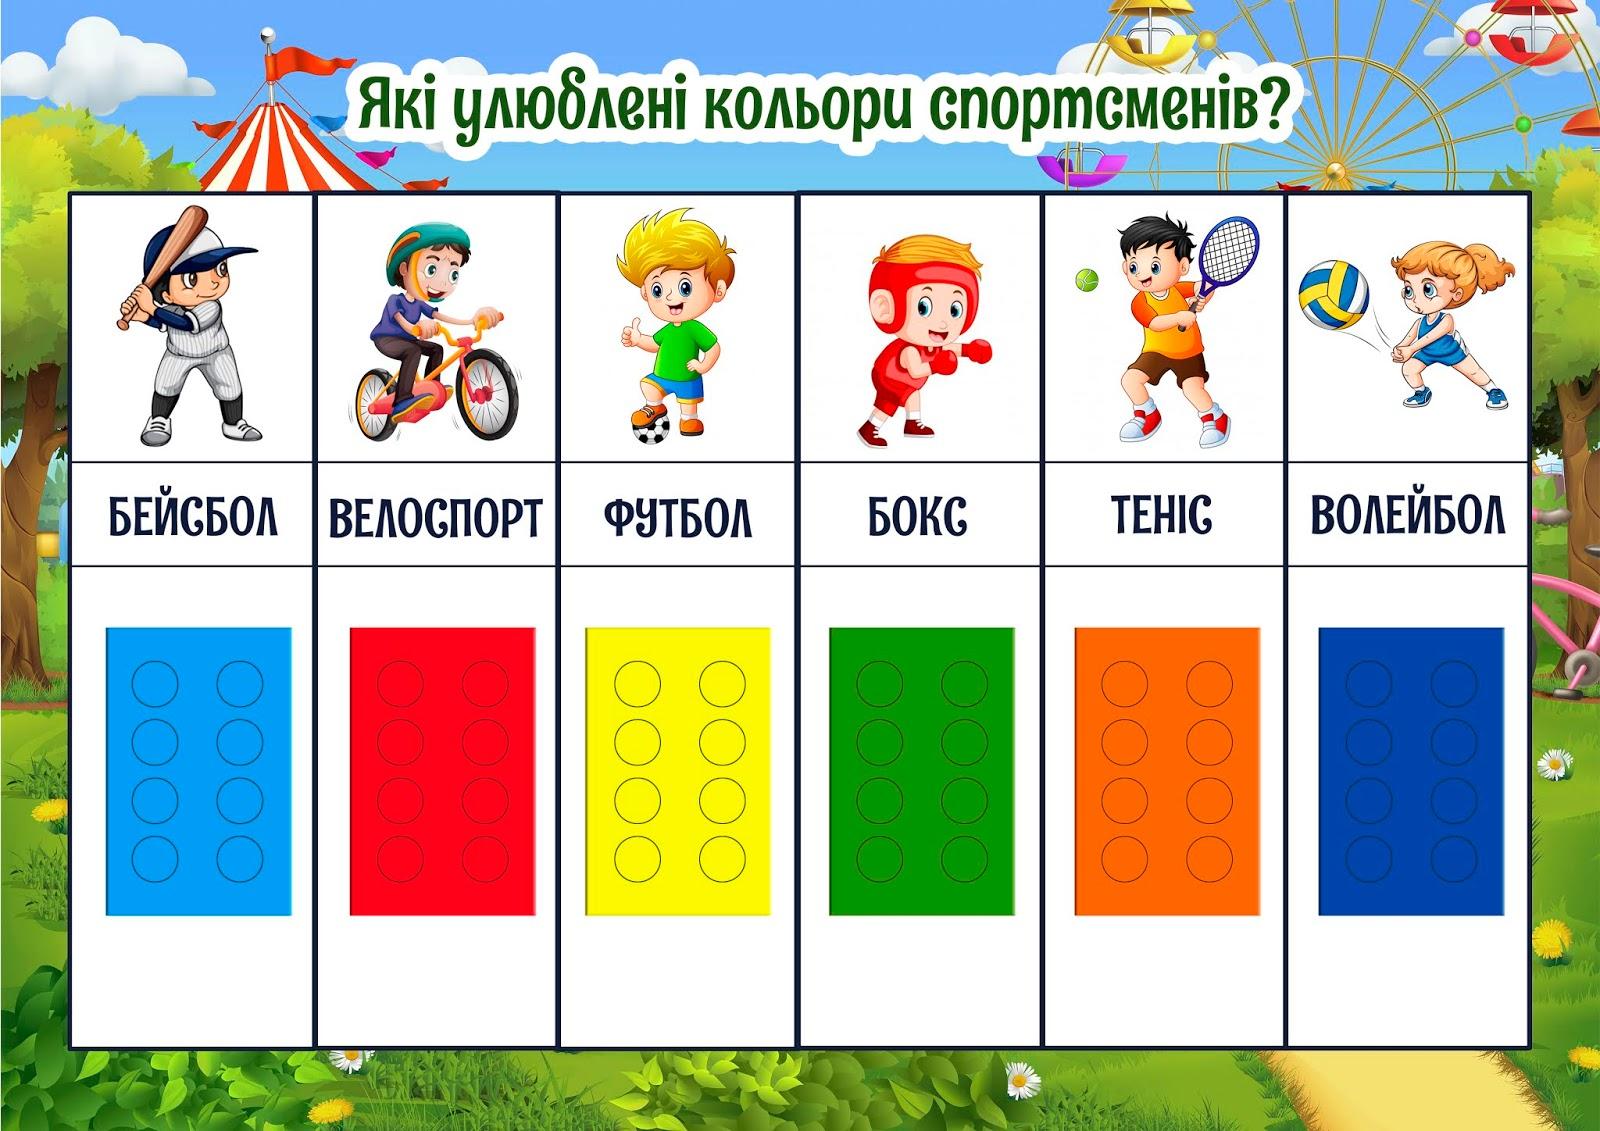 Блог вчителя початкових класів Потіп Тетяни   1 клас 2018-2019 н.р. b7c64ea7fcdd7